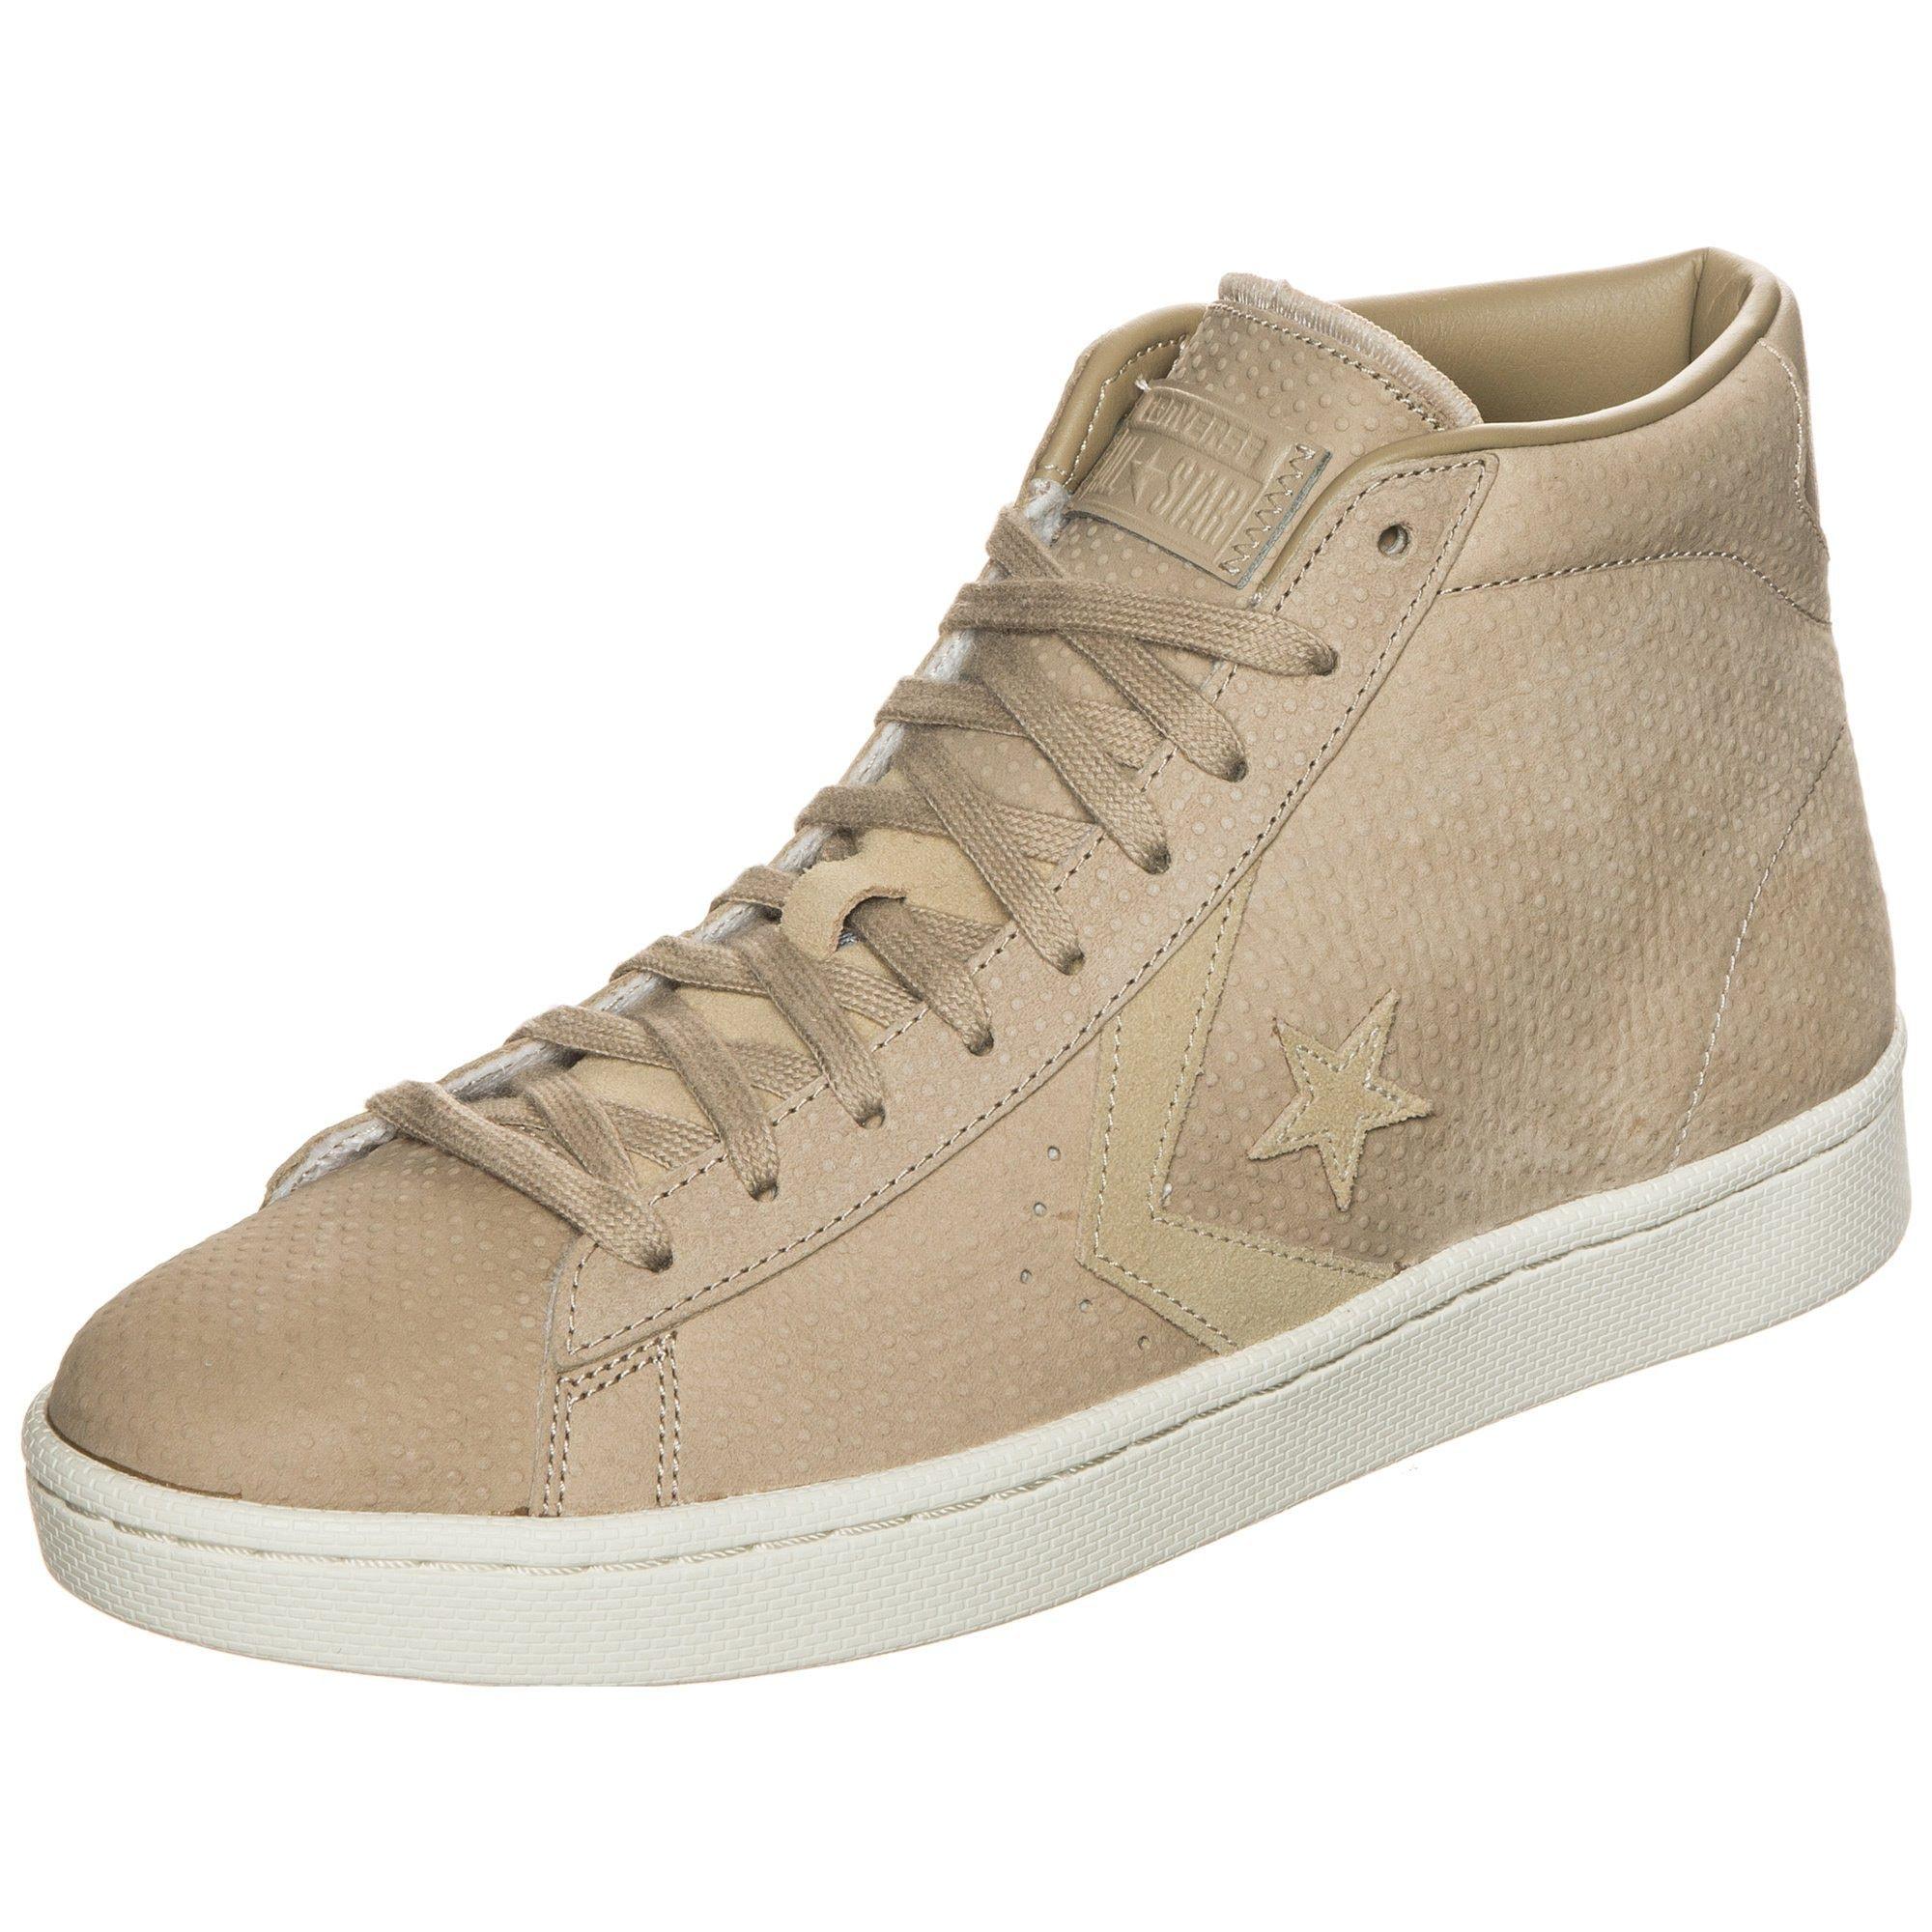 Converse Pro Leder 76 Lux Leder Mid Sneaker online kaufen   Gutes Preis-Leistungs-Verhältnis, es lohnt sich